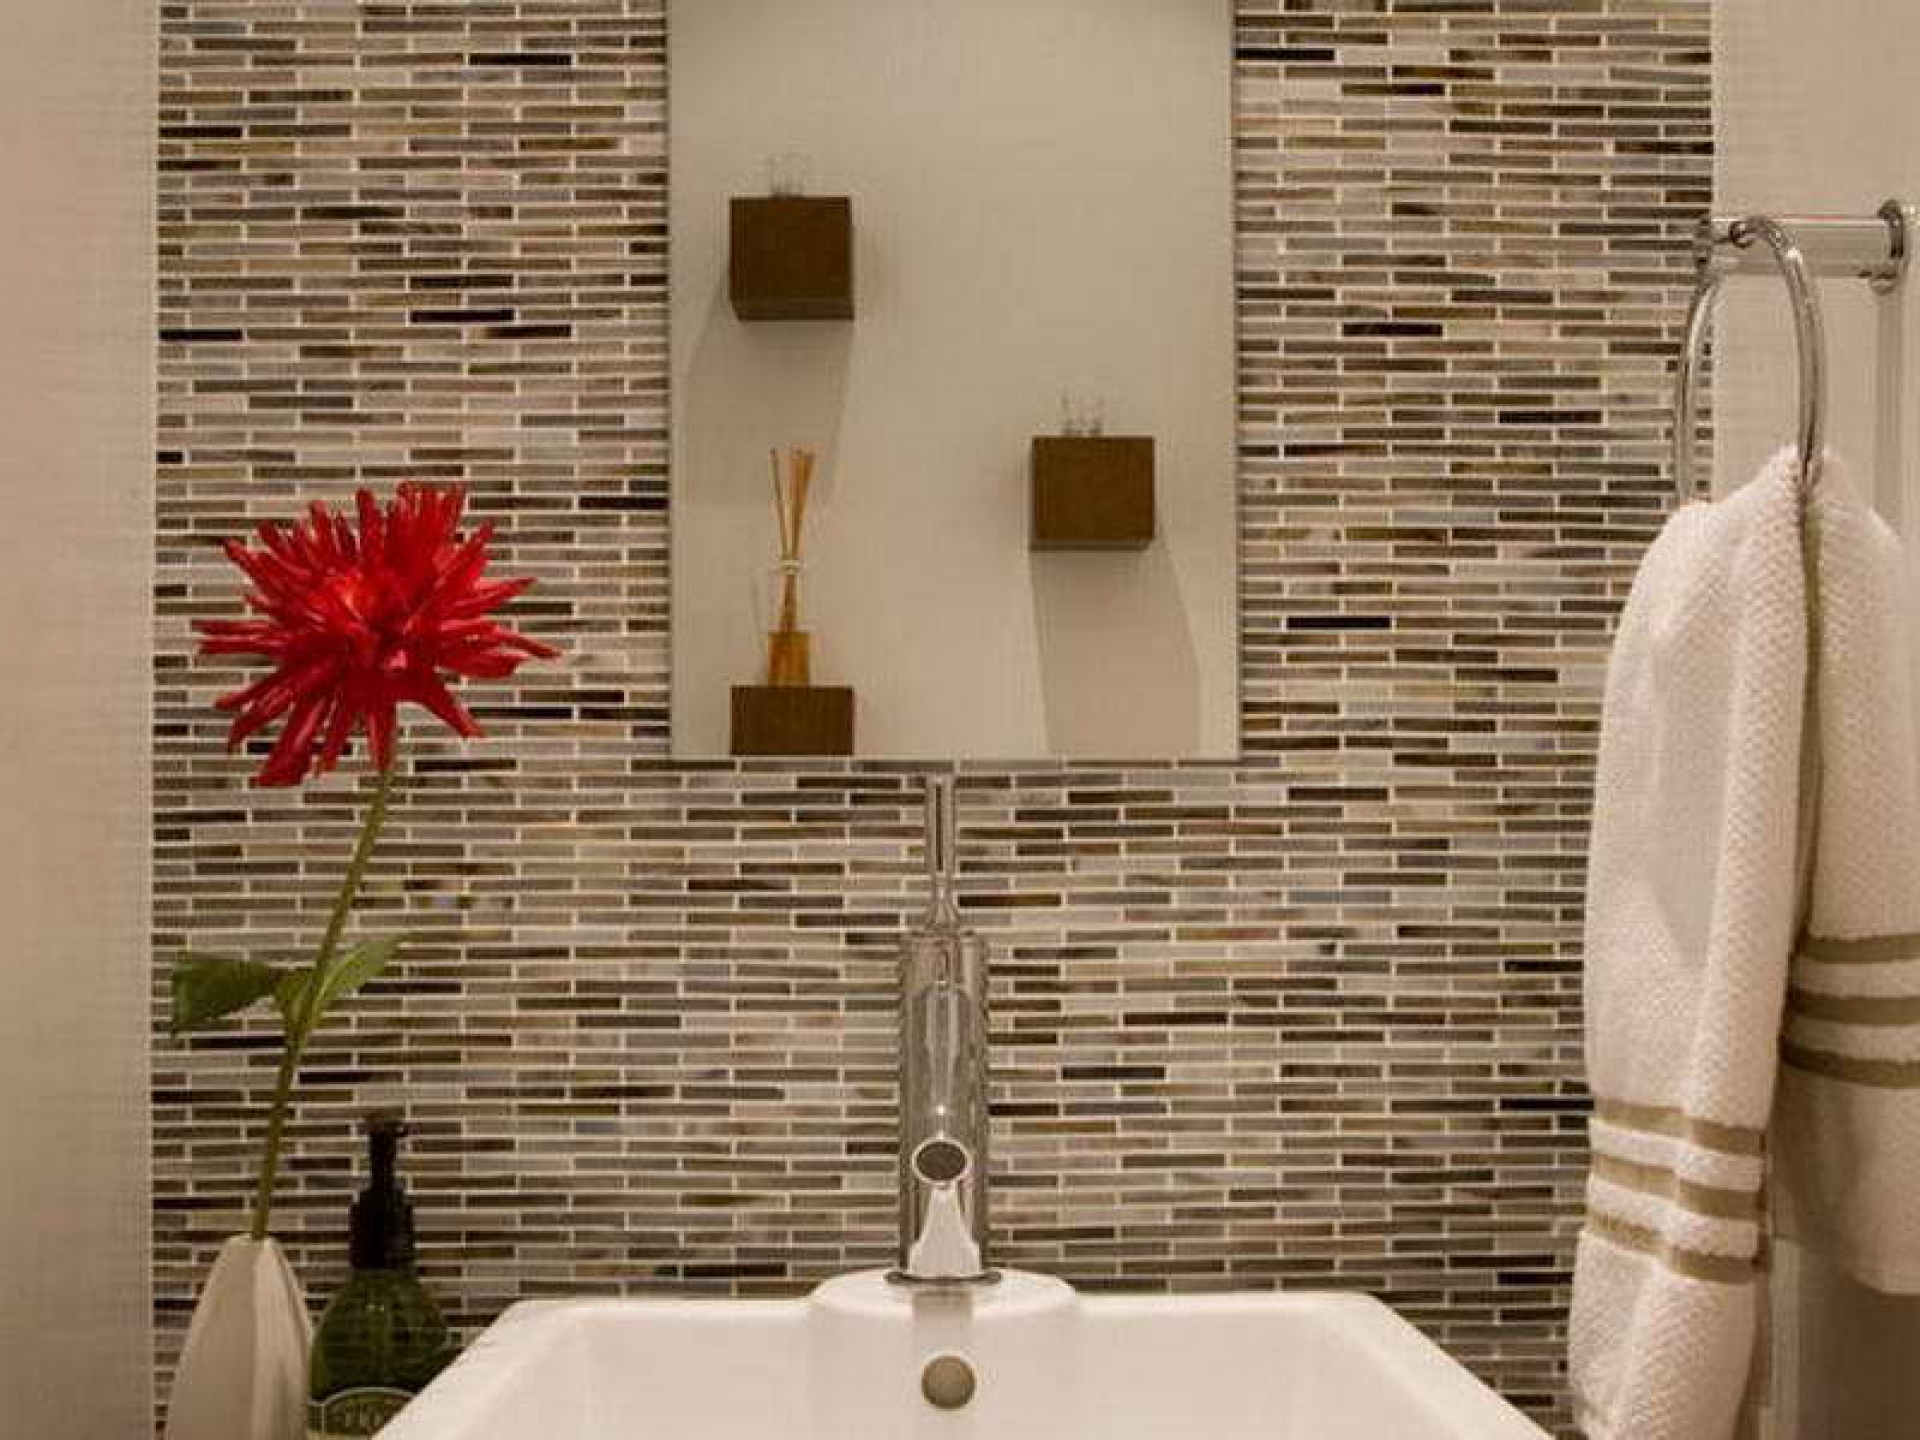 Bathroom Remodel Yuma Az bathroom remodeling yuma az - free in home estimates